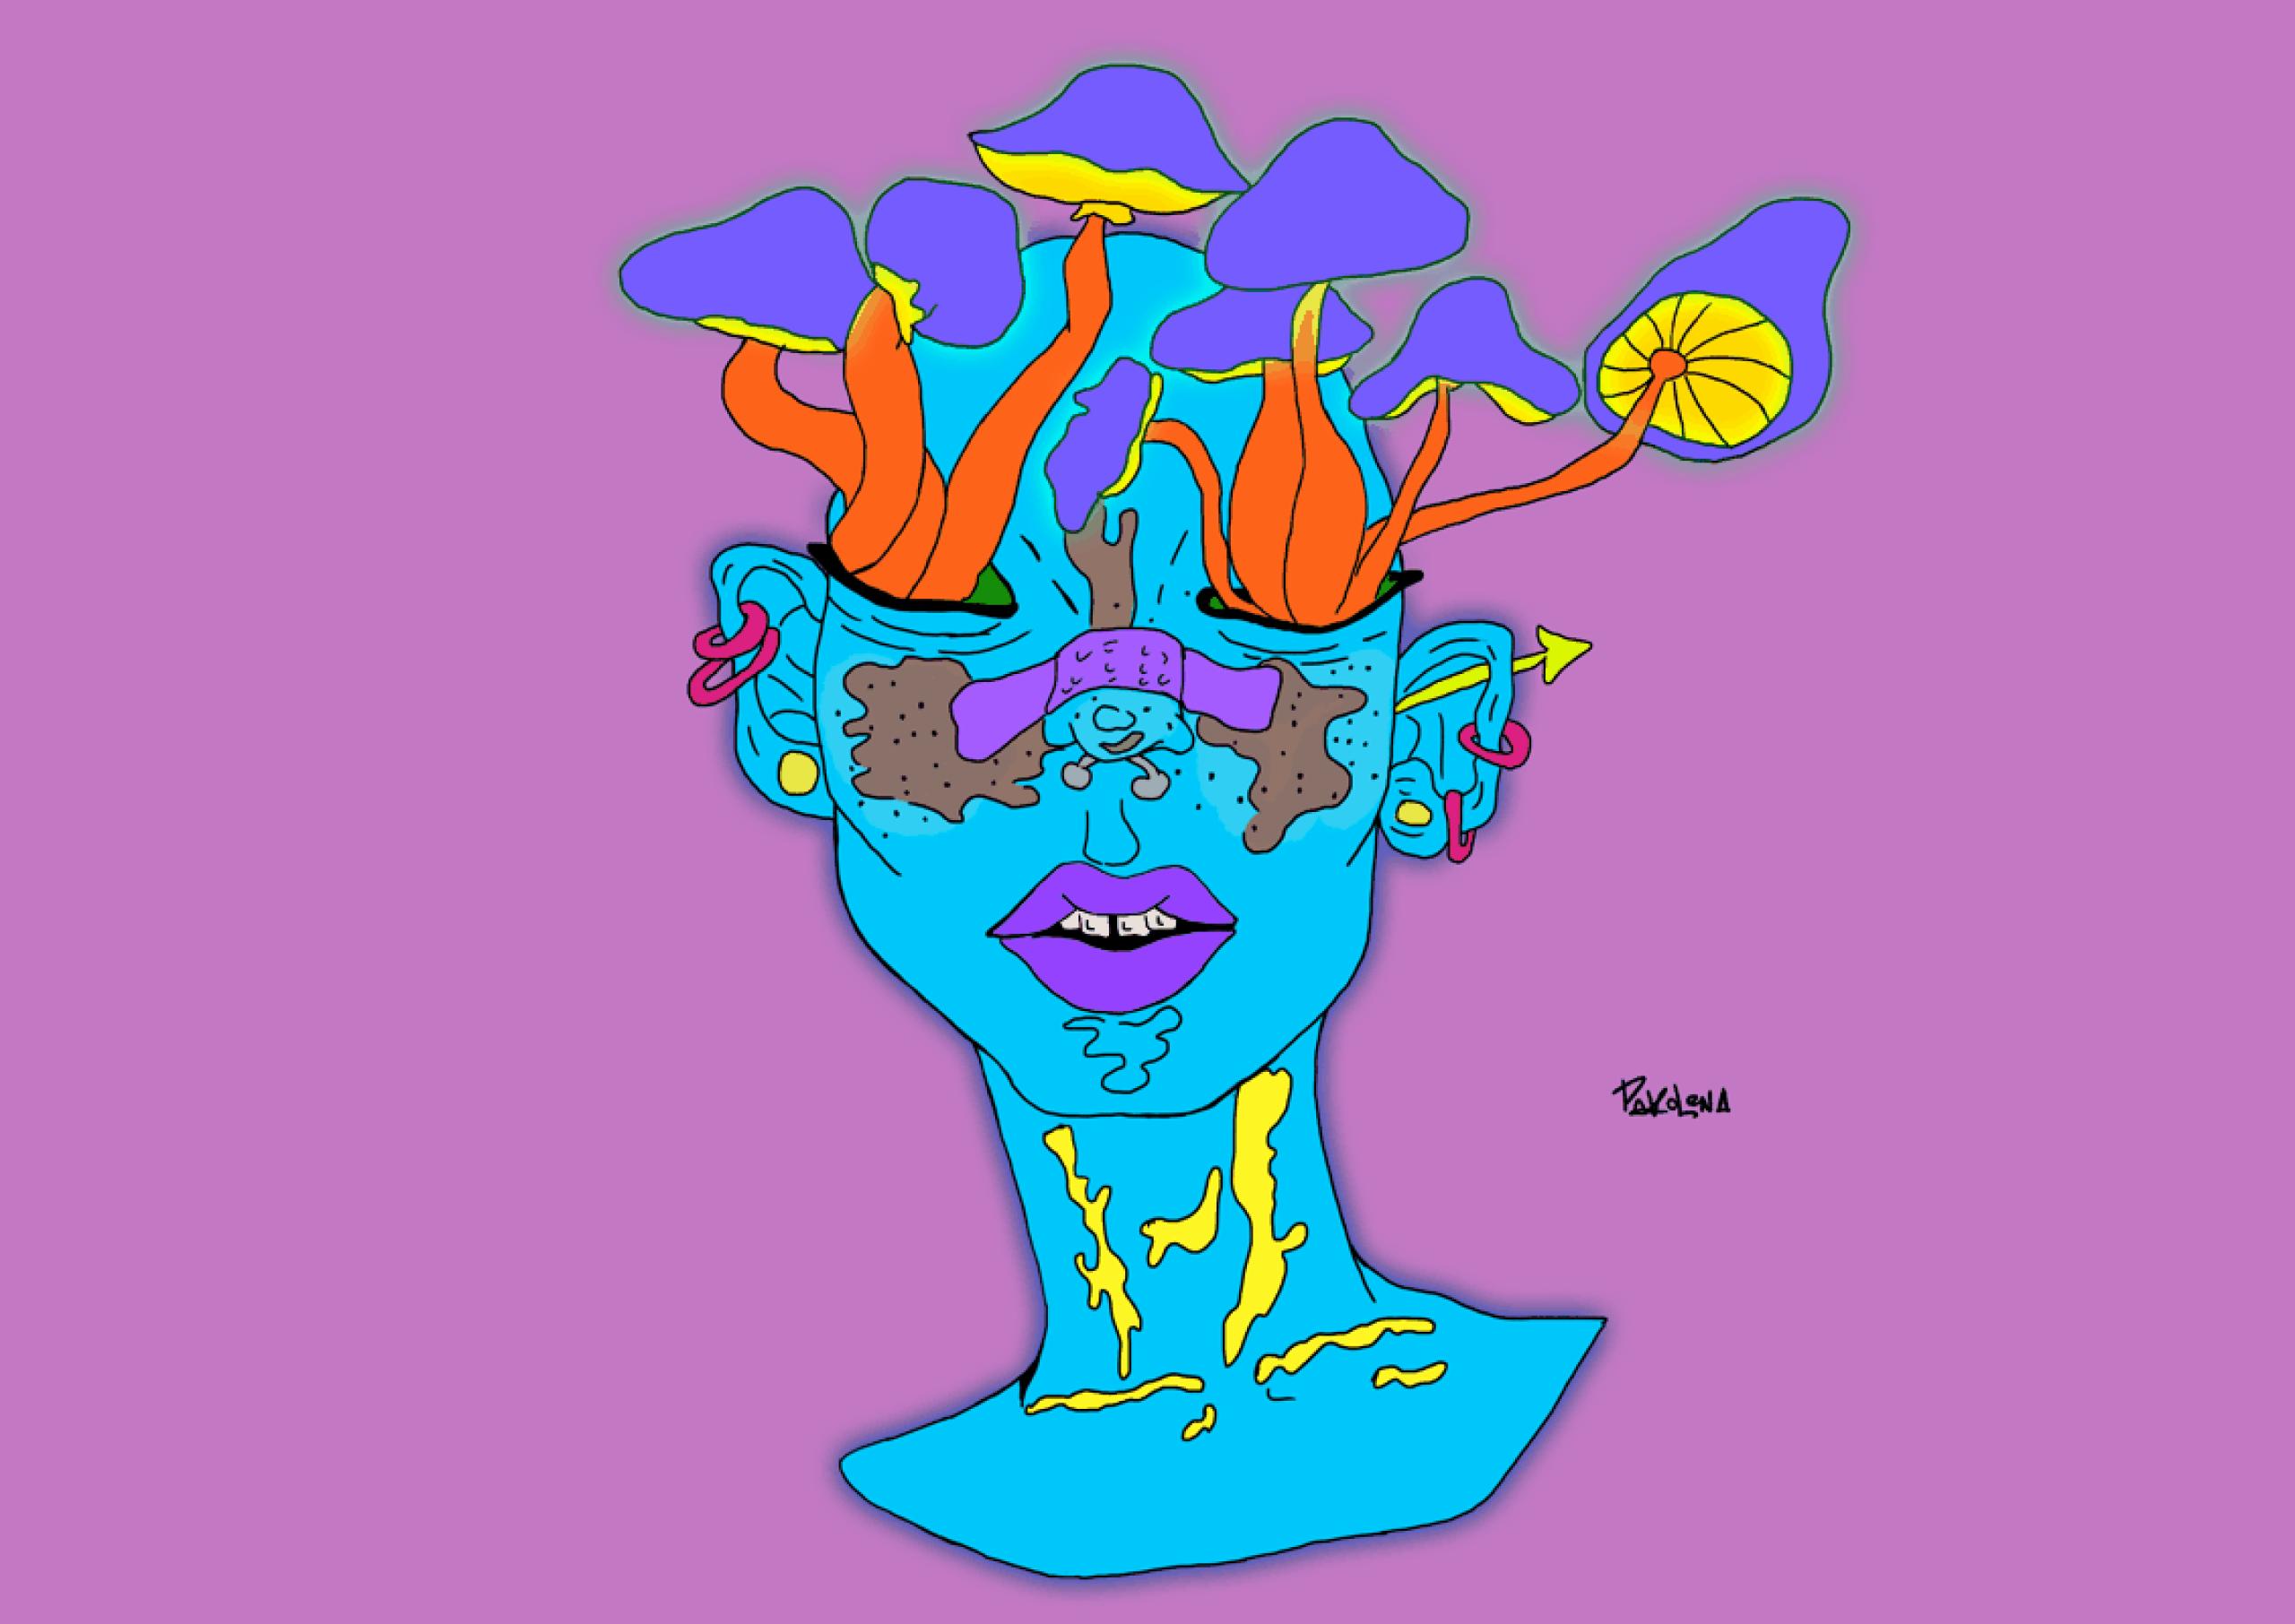 Синее лицо, из глаз растут грибы